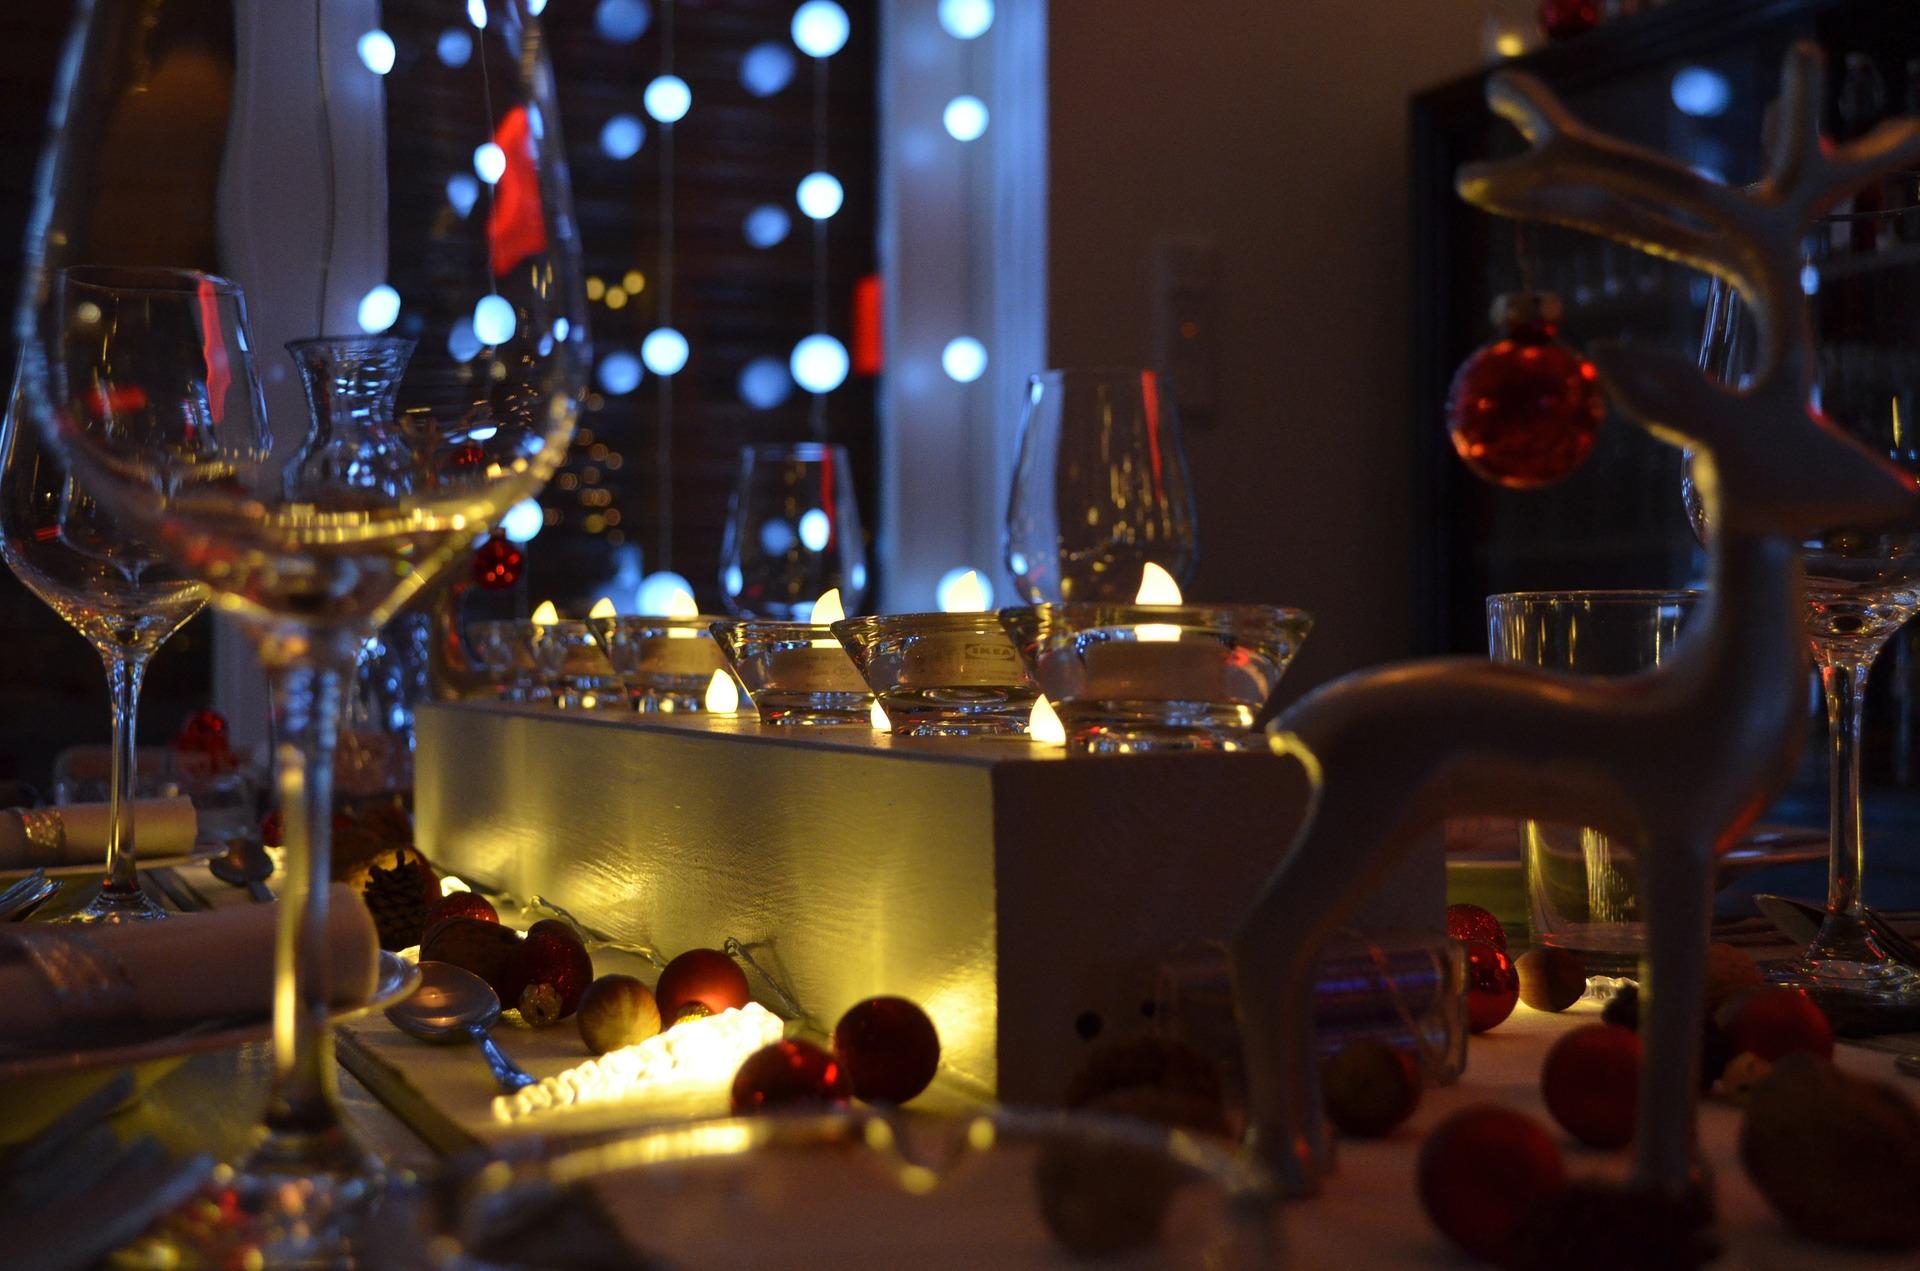 Gute Stimmung bei der Firmenweihnachtsfeier – das richtige Thema ...